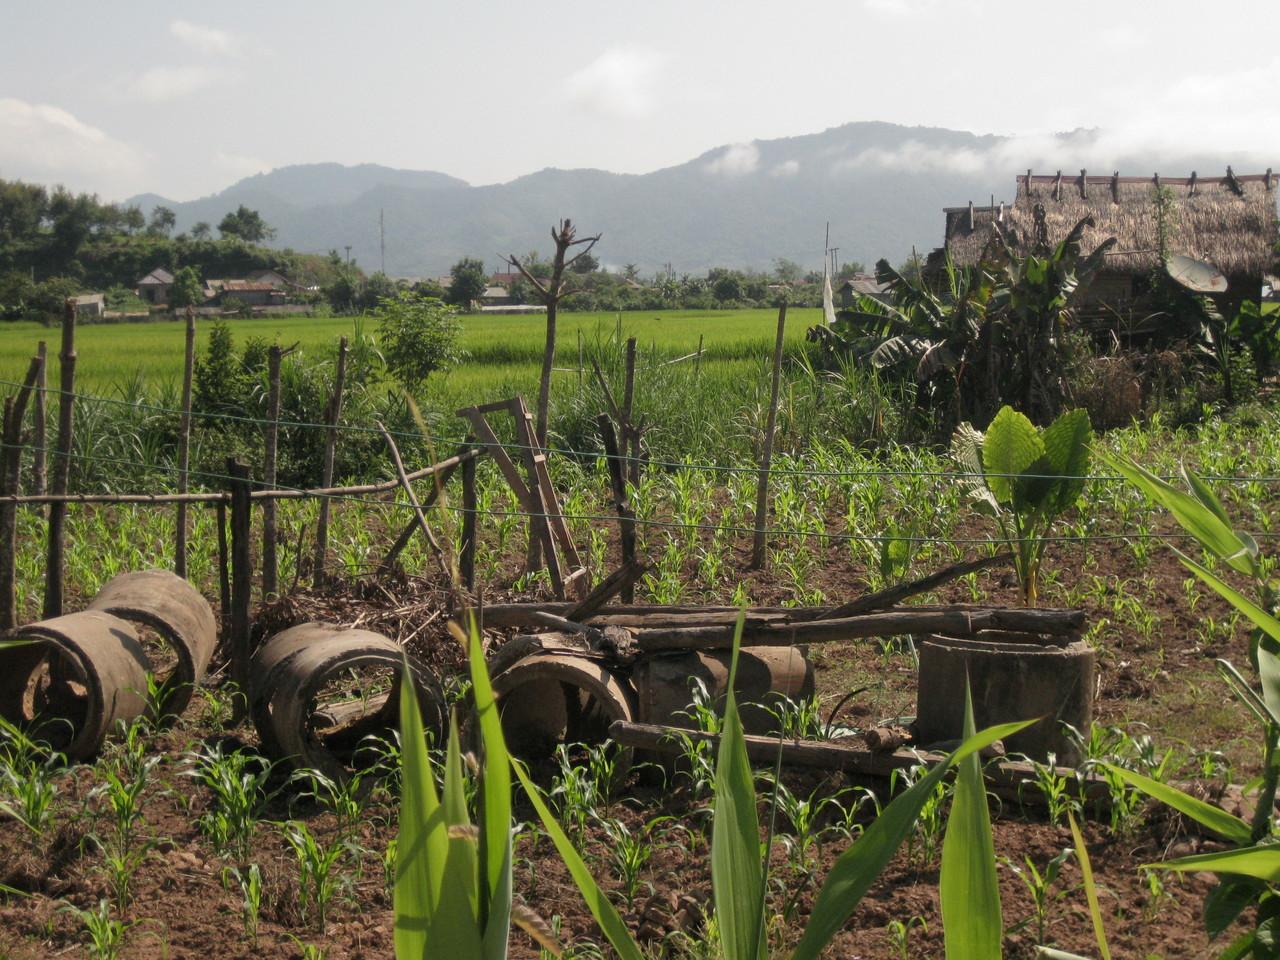 焼酎作りの村までのサイクリングでの風景。日本と似てる